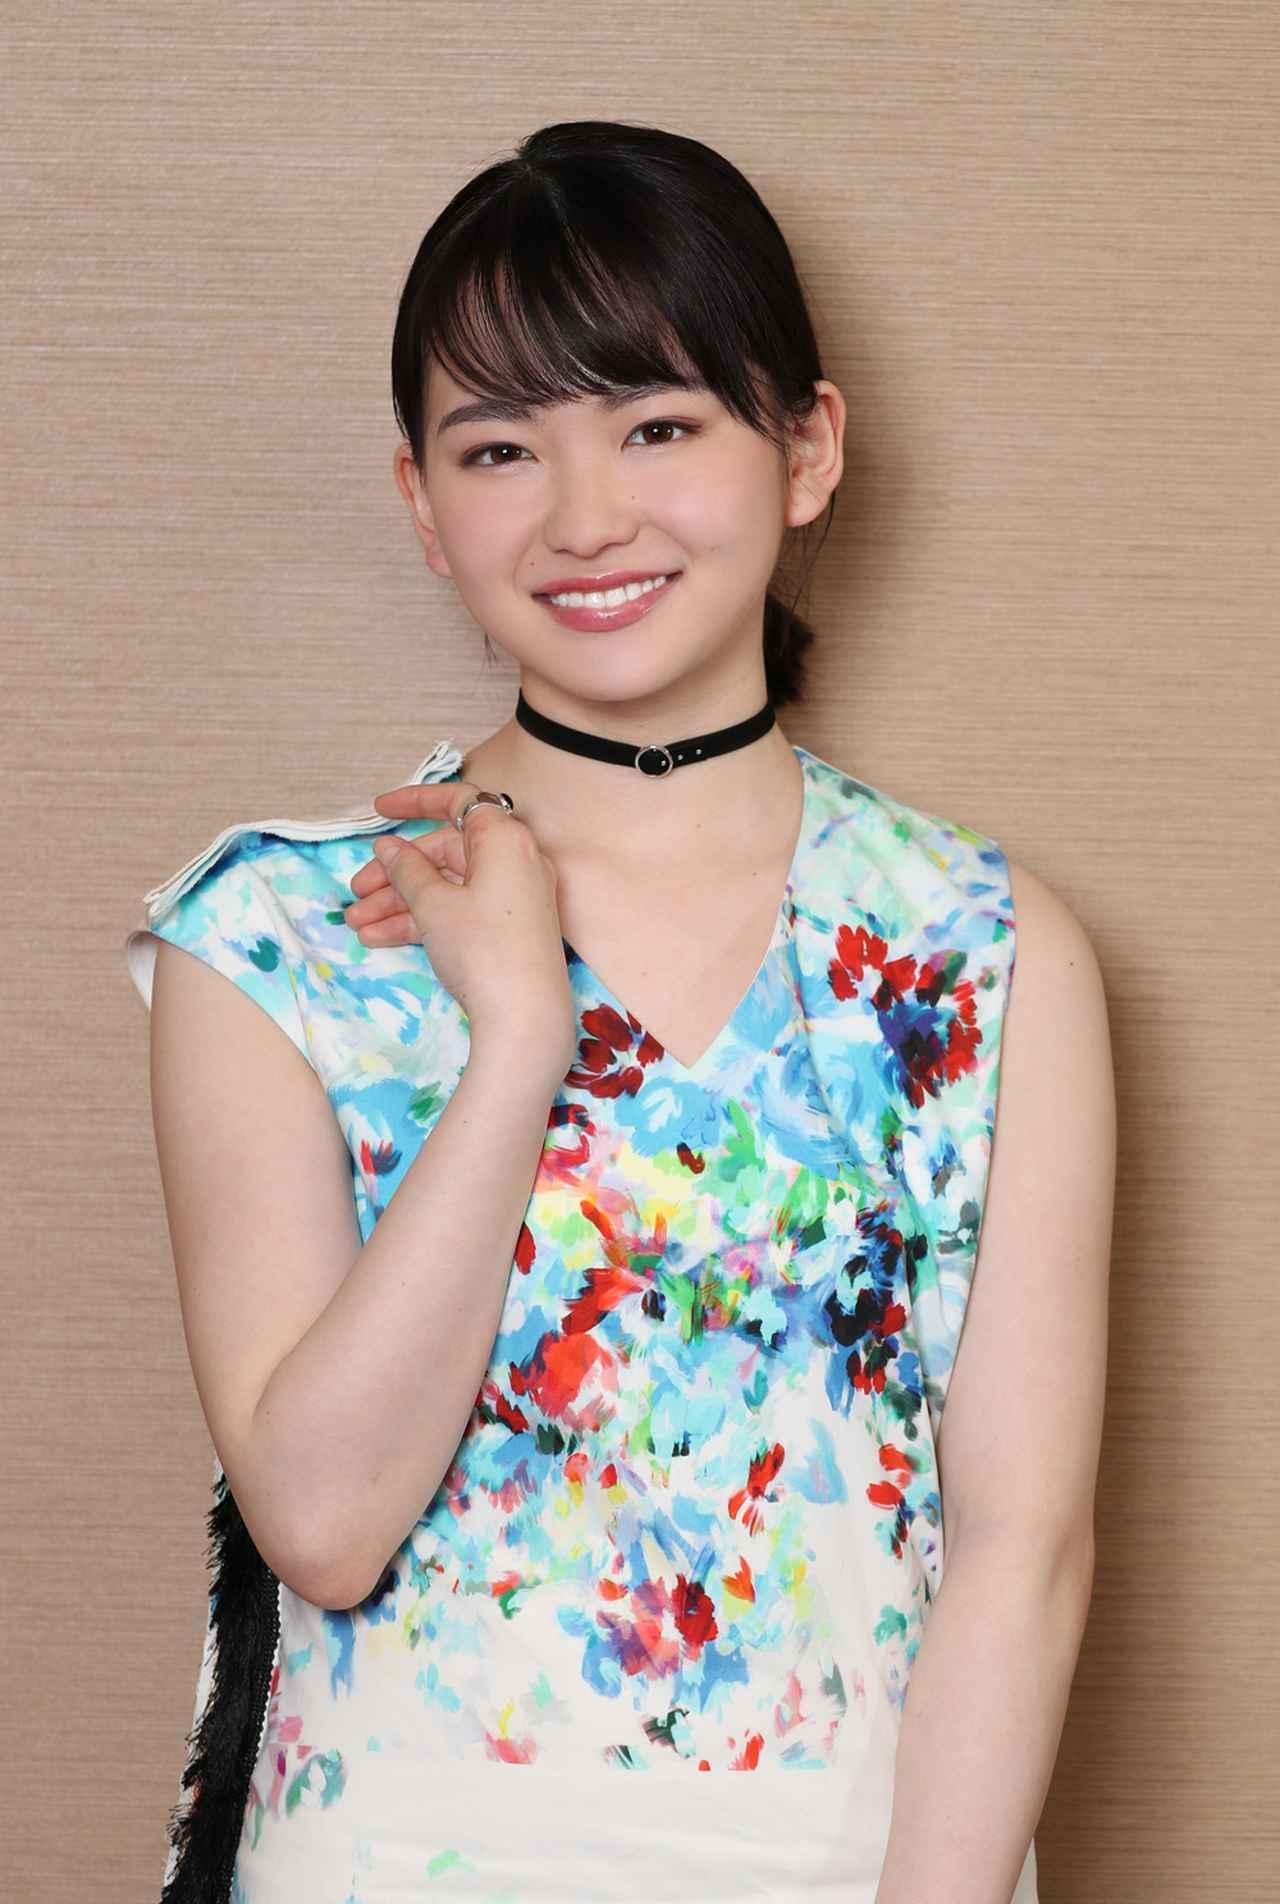 画像2: 山田杏奈/バンドの紅一点として見事な演奏&歌唱を披露。役者としても新たな一面を発揮した注目作「小さな恋のうた」が、いよいよ5/24に公開